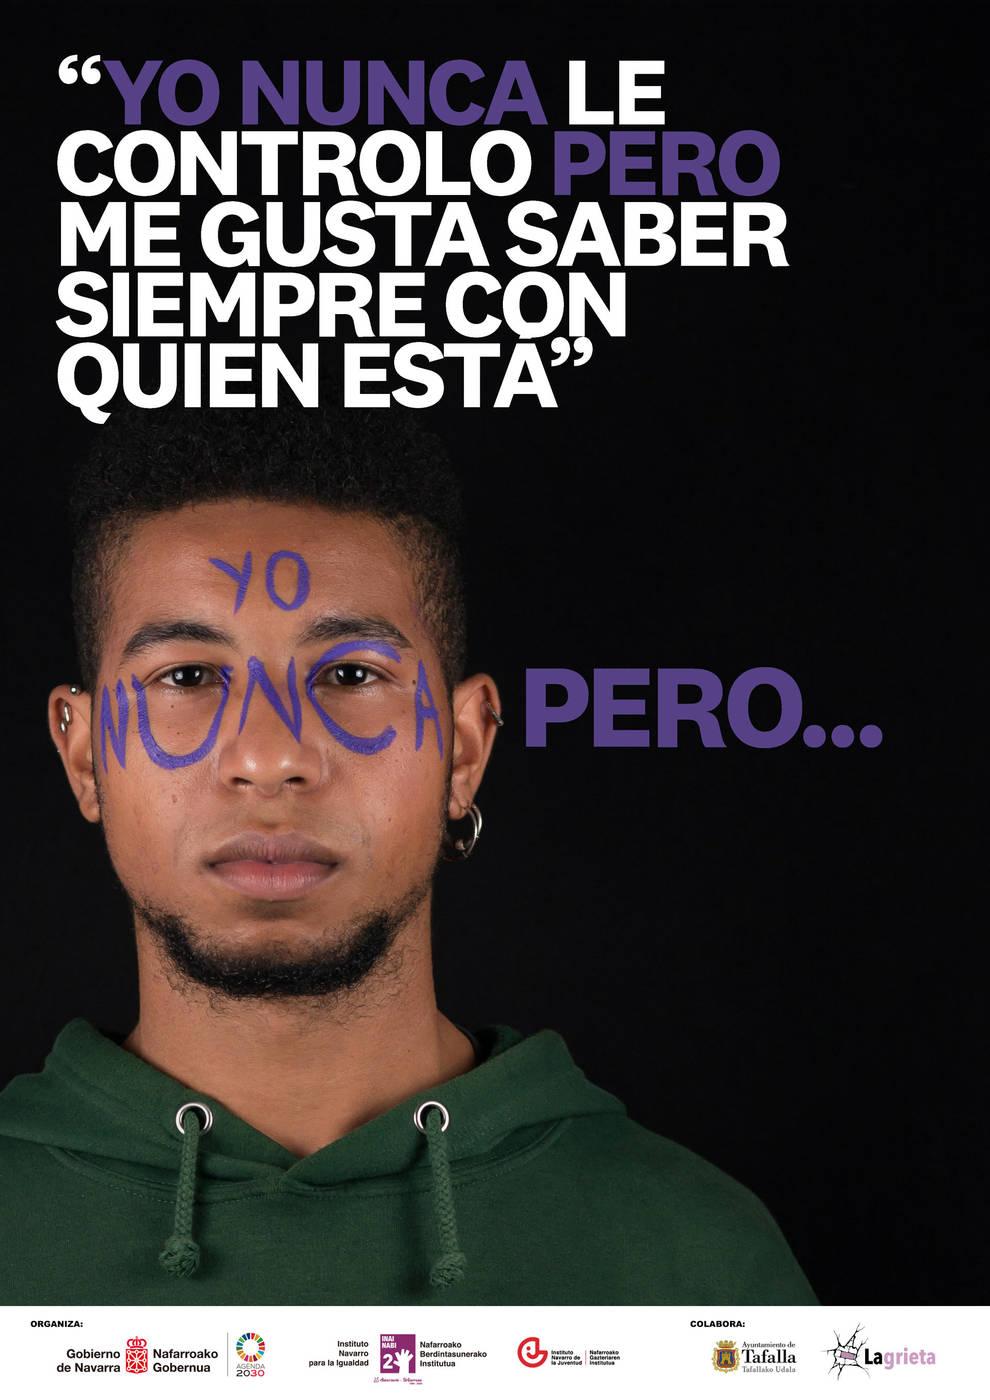 Jóvenes de Tafalla crean una campaña para prevenir la violencia contra las mujeres